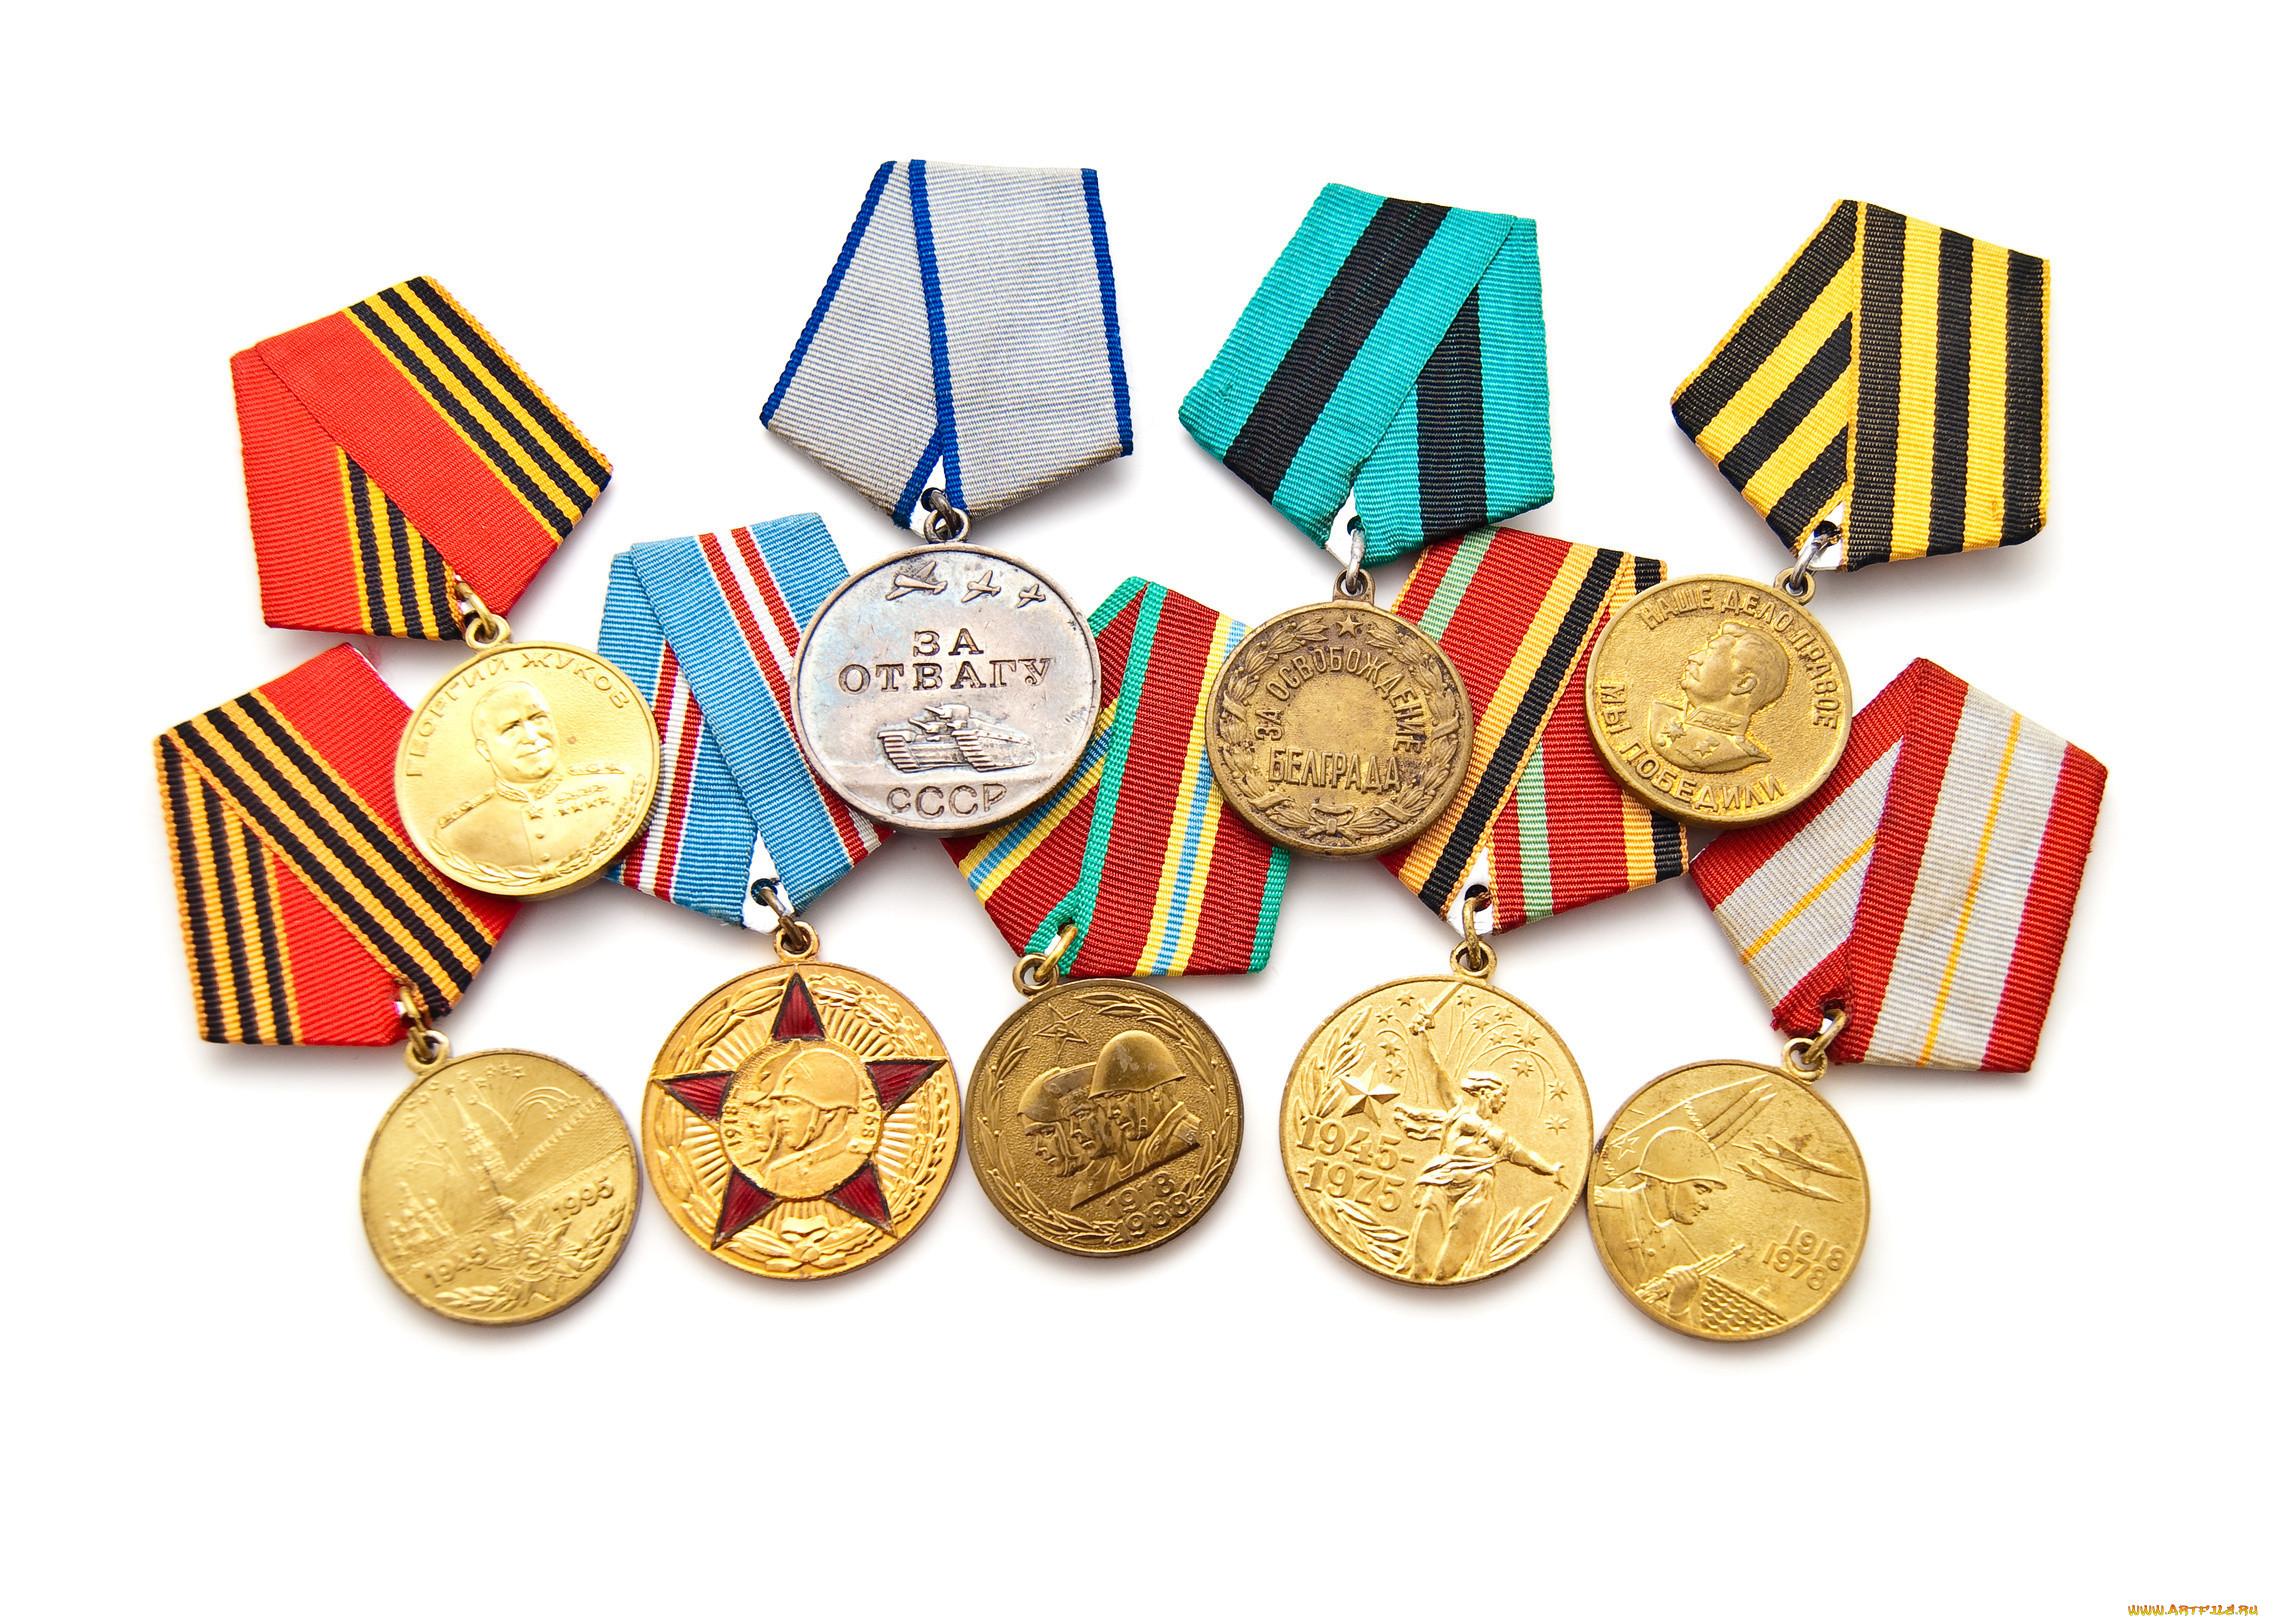 Картинки ордена и медали вов 1941-1945 понадобилось мне